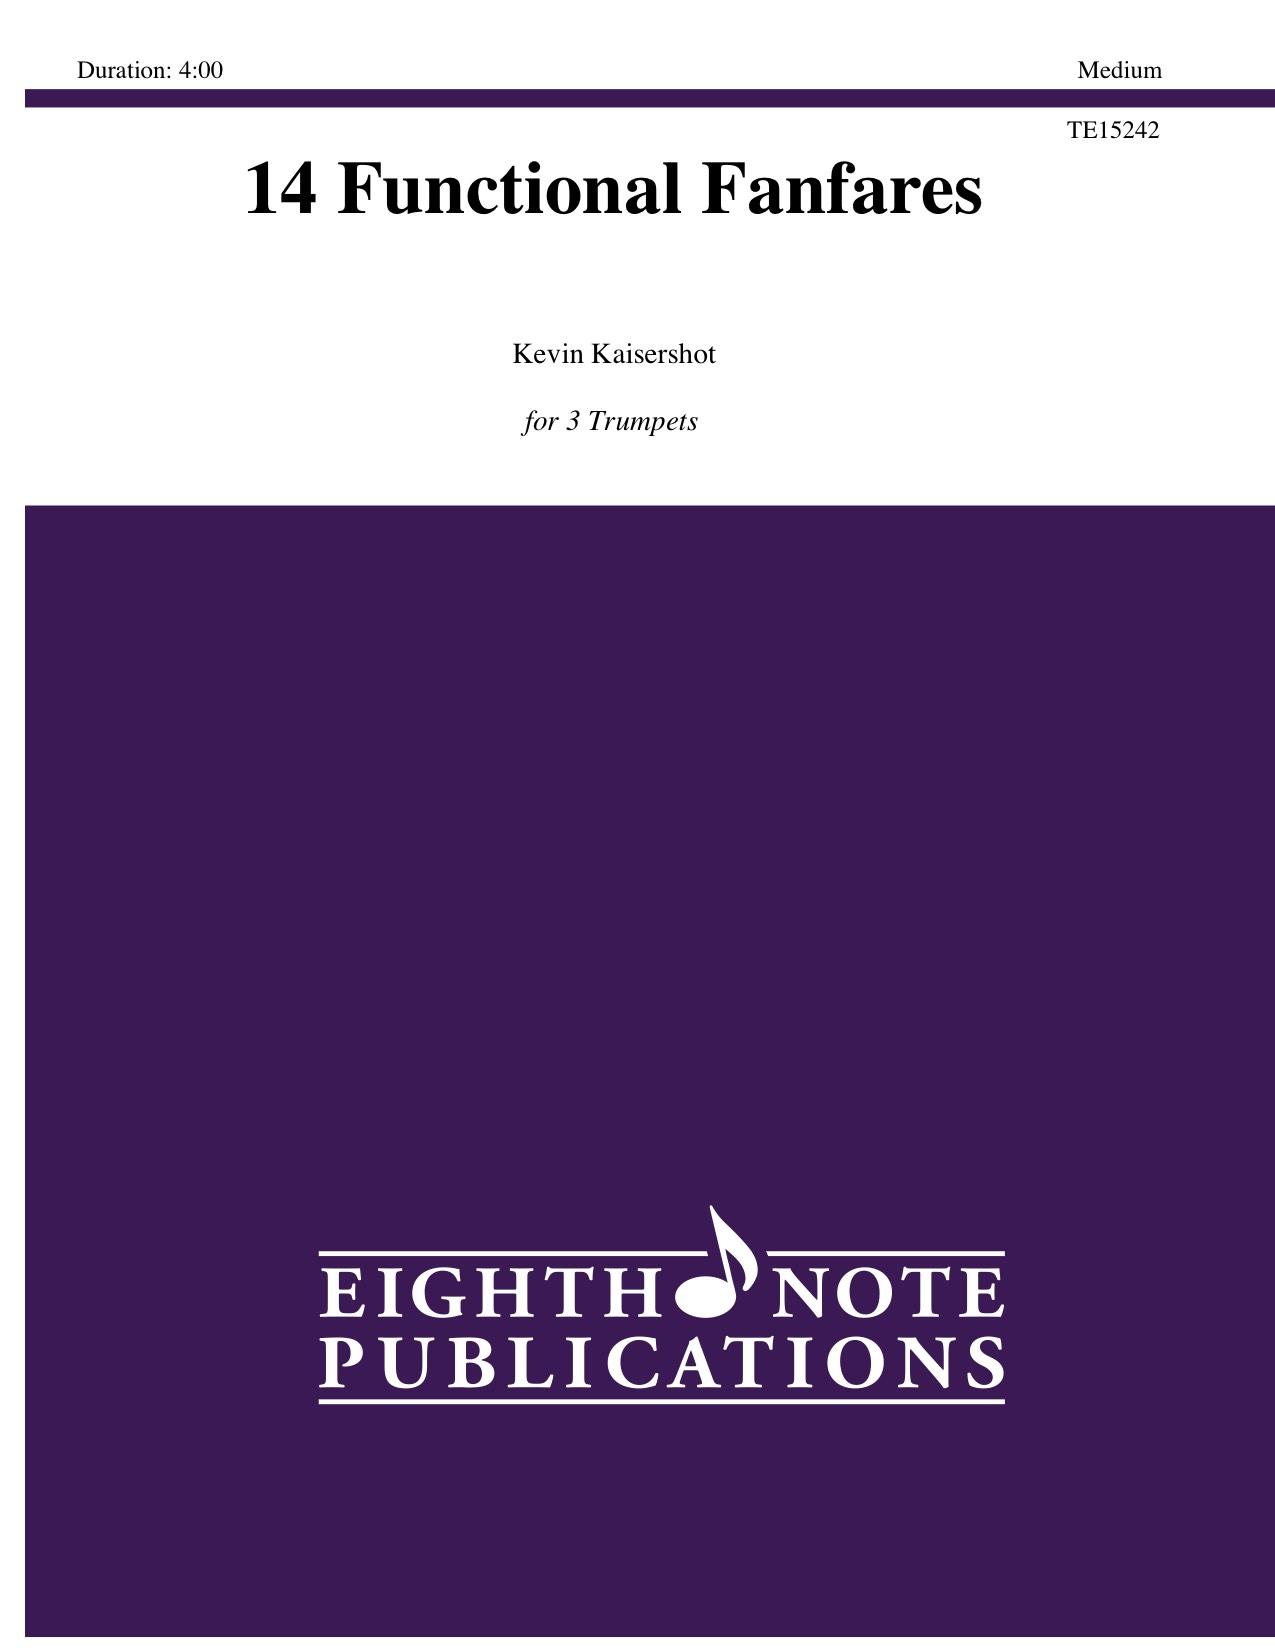 14 Functional Fanfares - Kevin Kaisershot